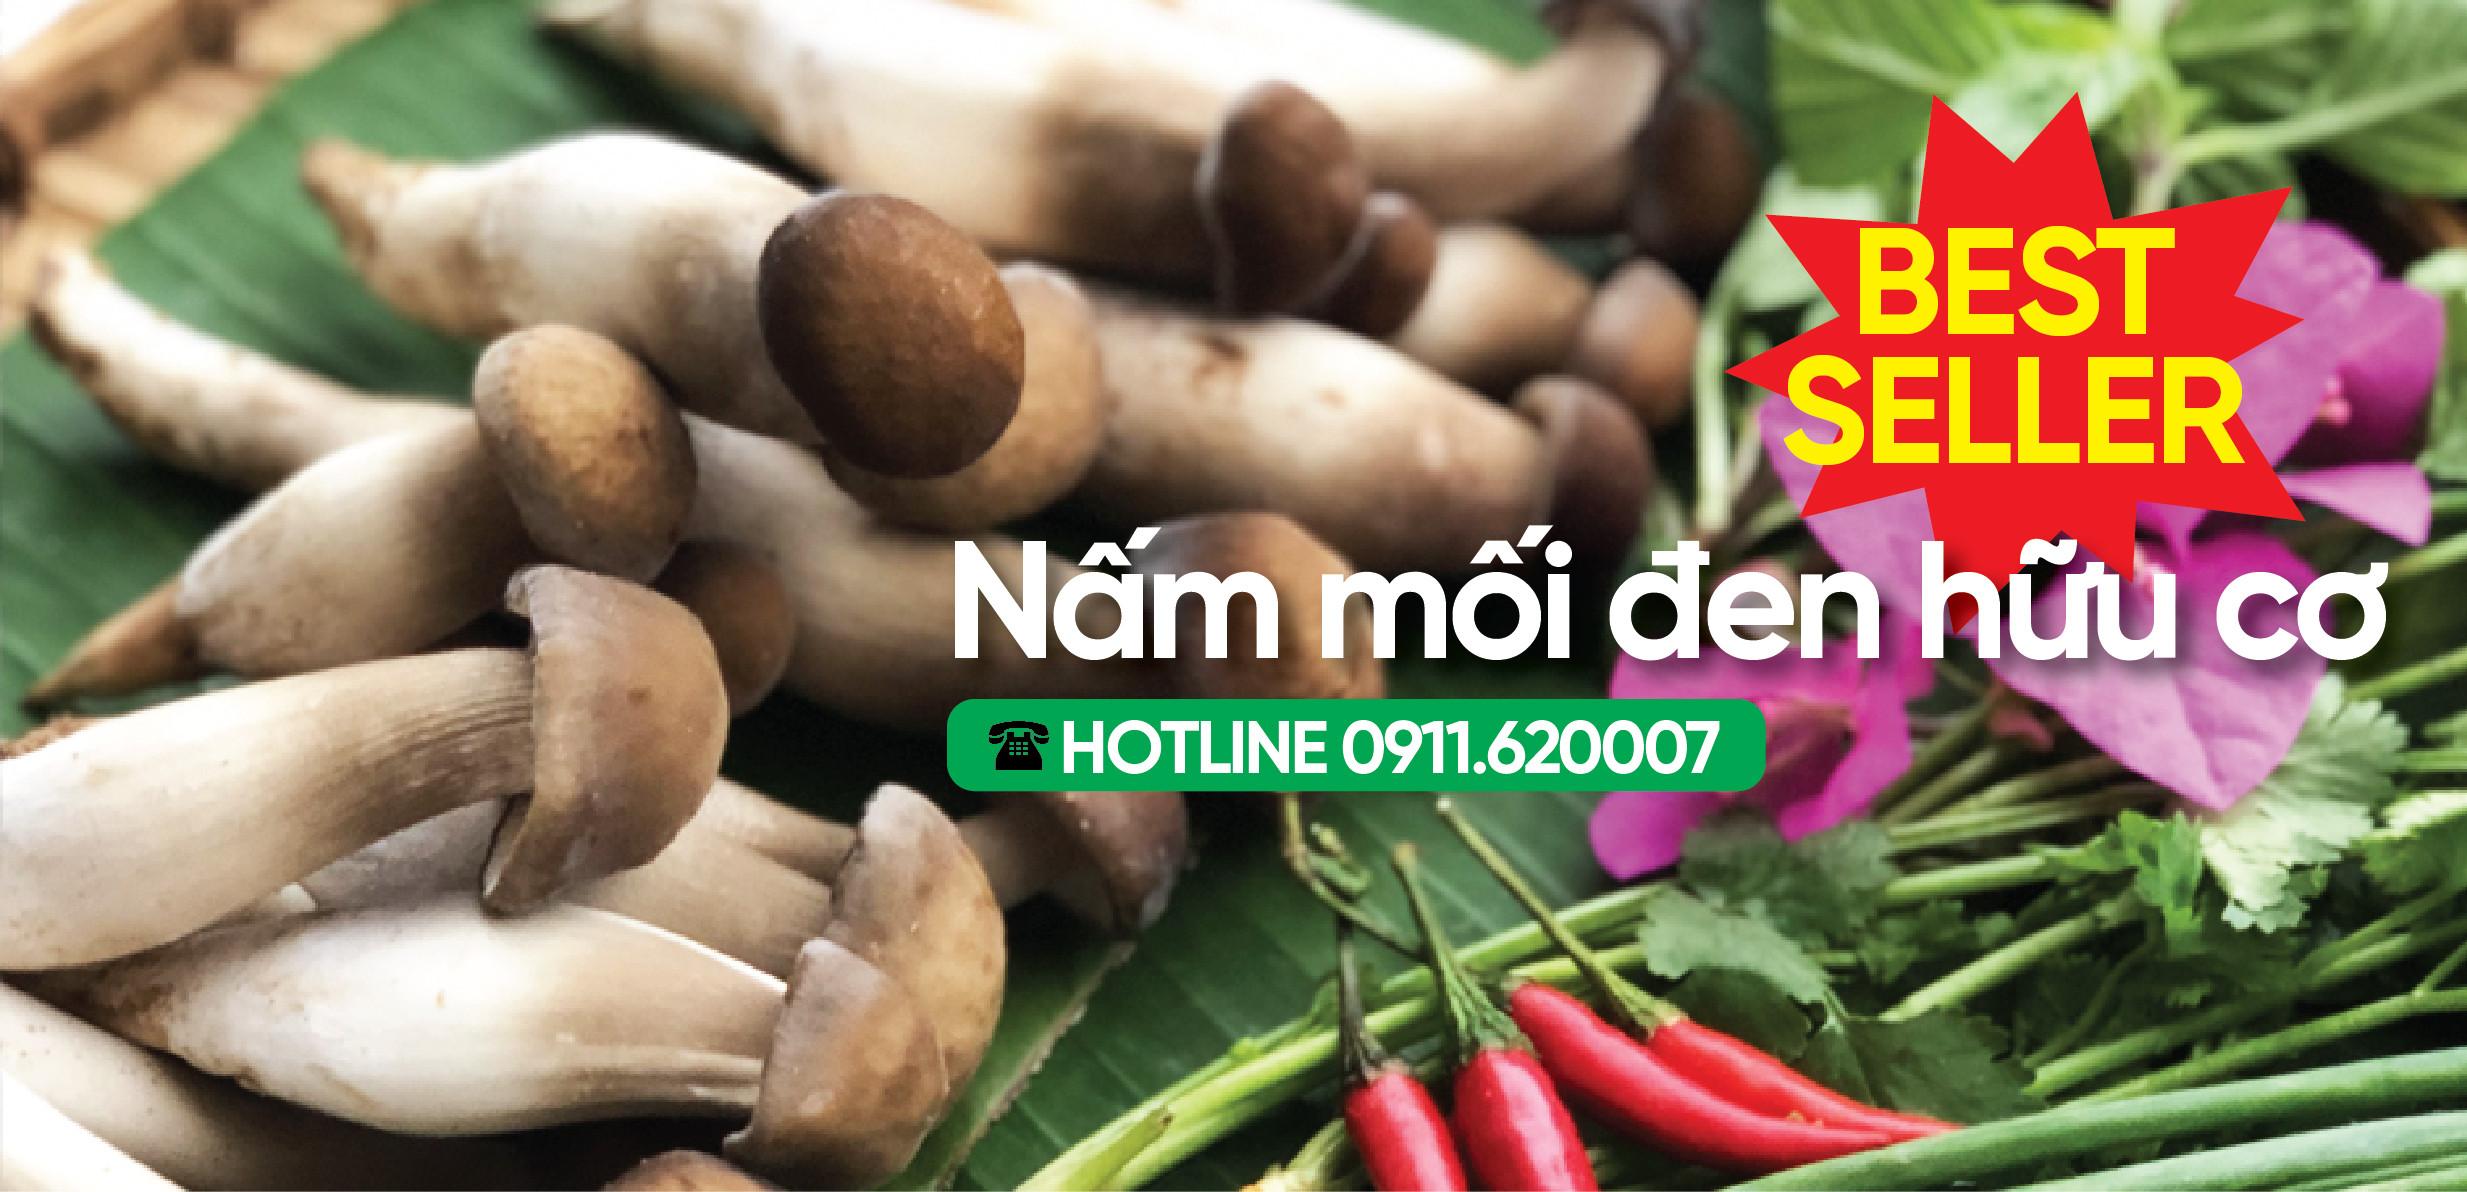 Nấm mối đen hữu cơ Bakafood